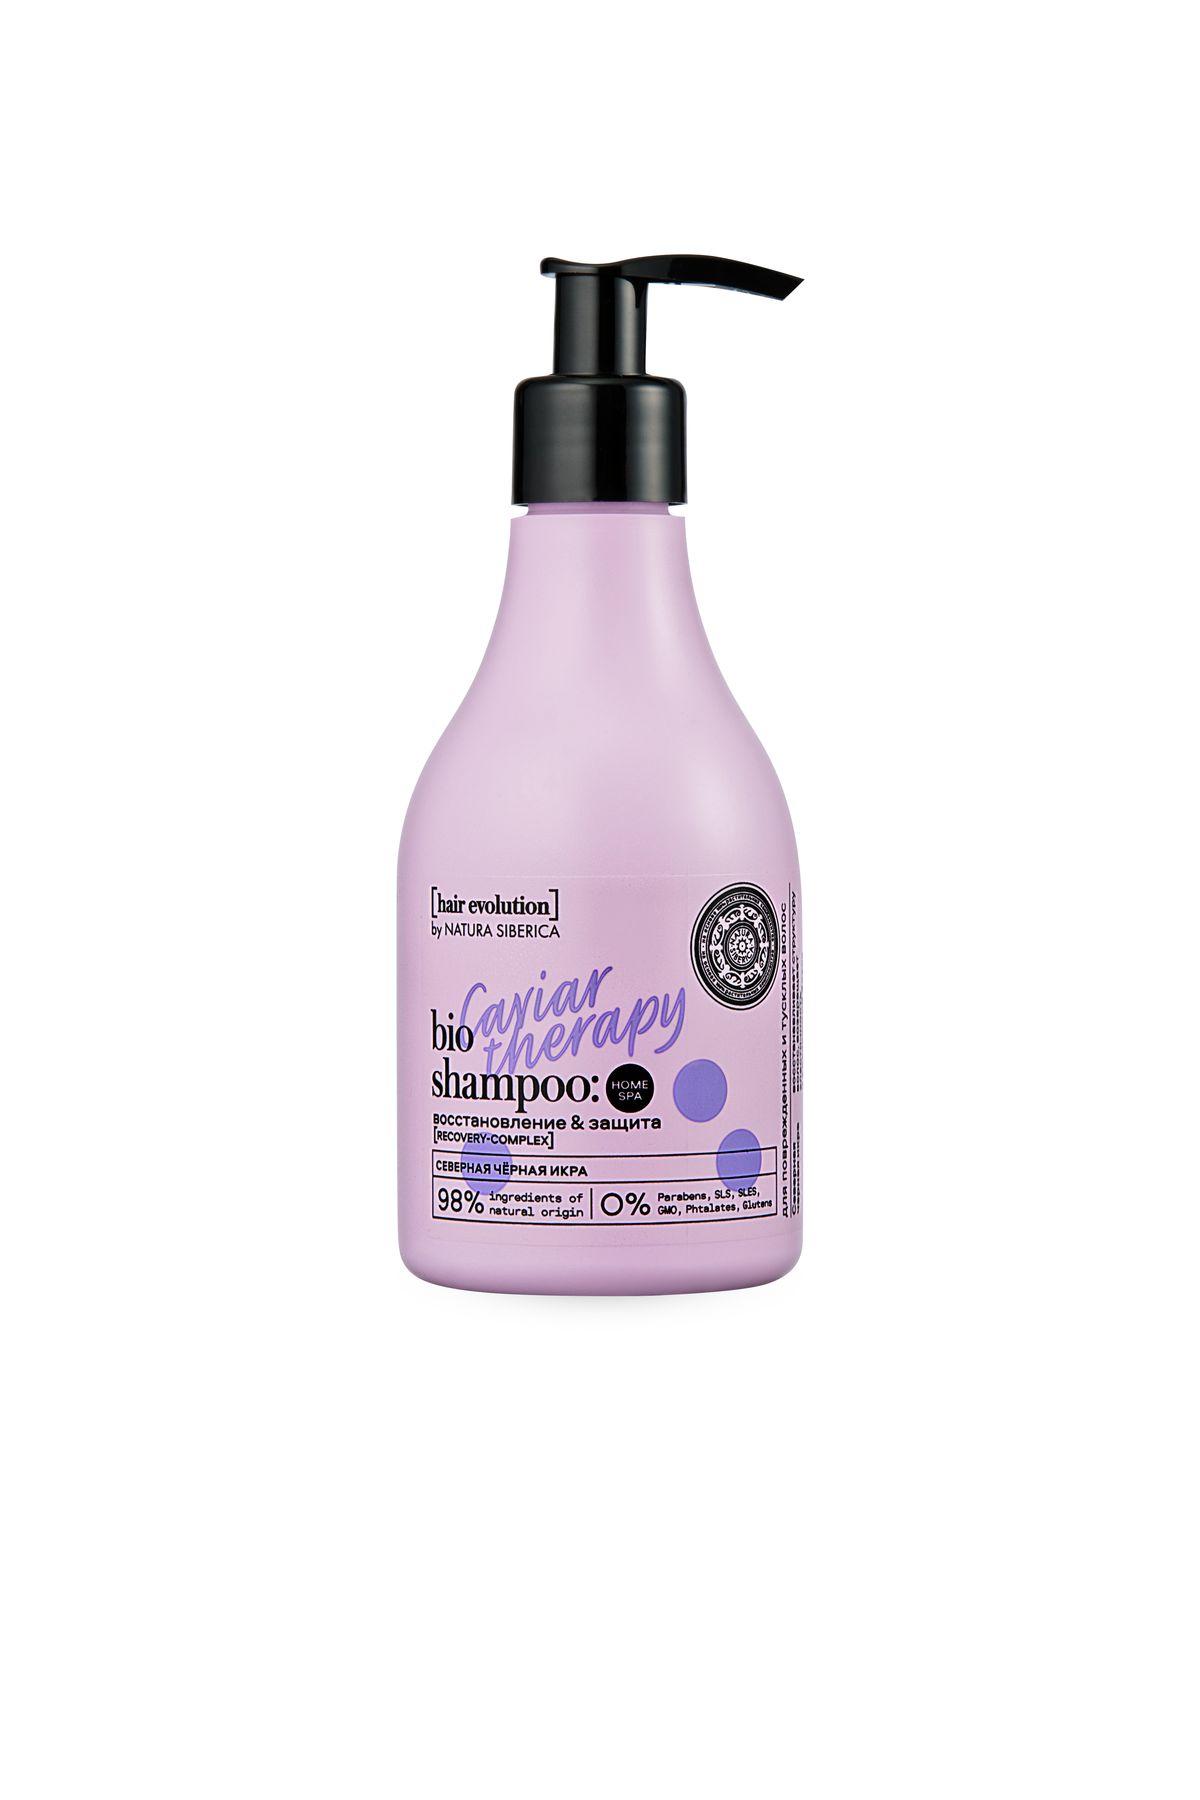 Купить Natura Siberica Hair Evolution Шампунь для волос CAVIAR THERAPY. Восстановление &Защита , 250 мл (shop: Organic-shops Organic shops)